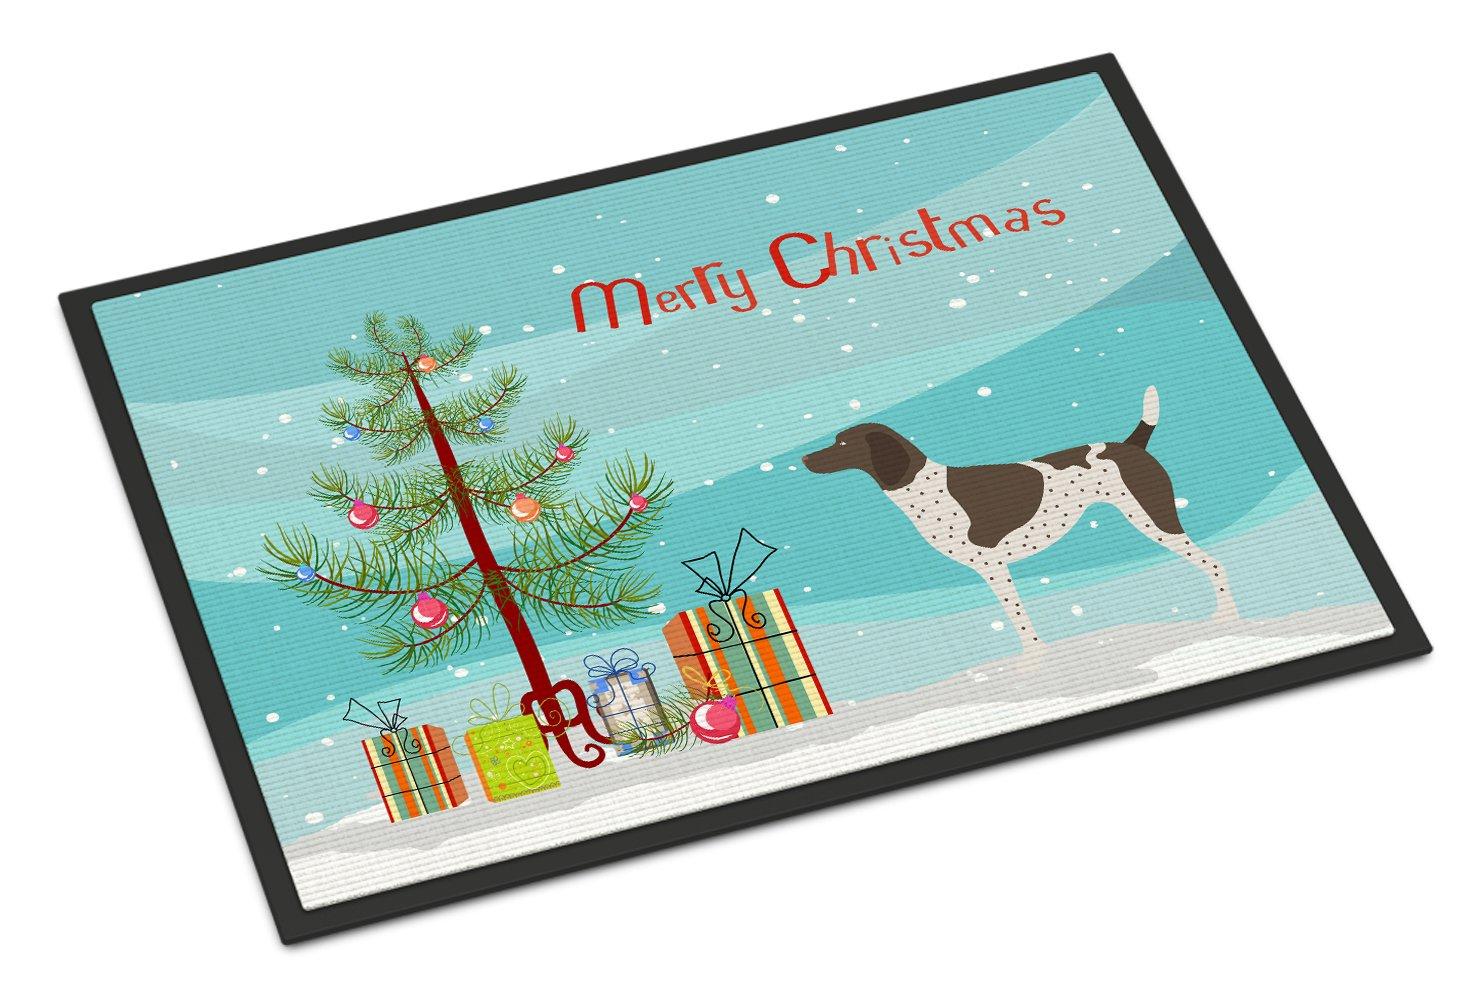 Carolines Treasures Cane Corso Christmas Doormat 18hx27w Multicolor